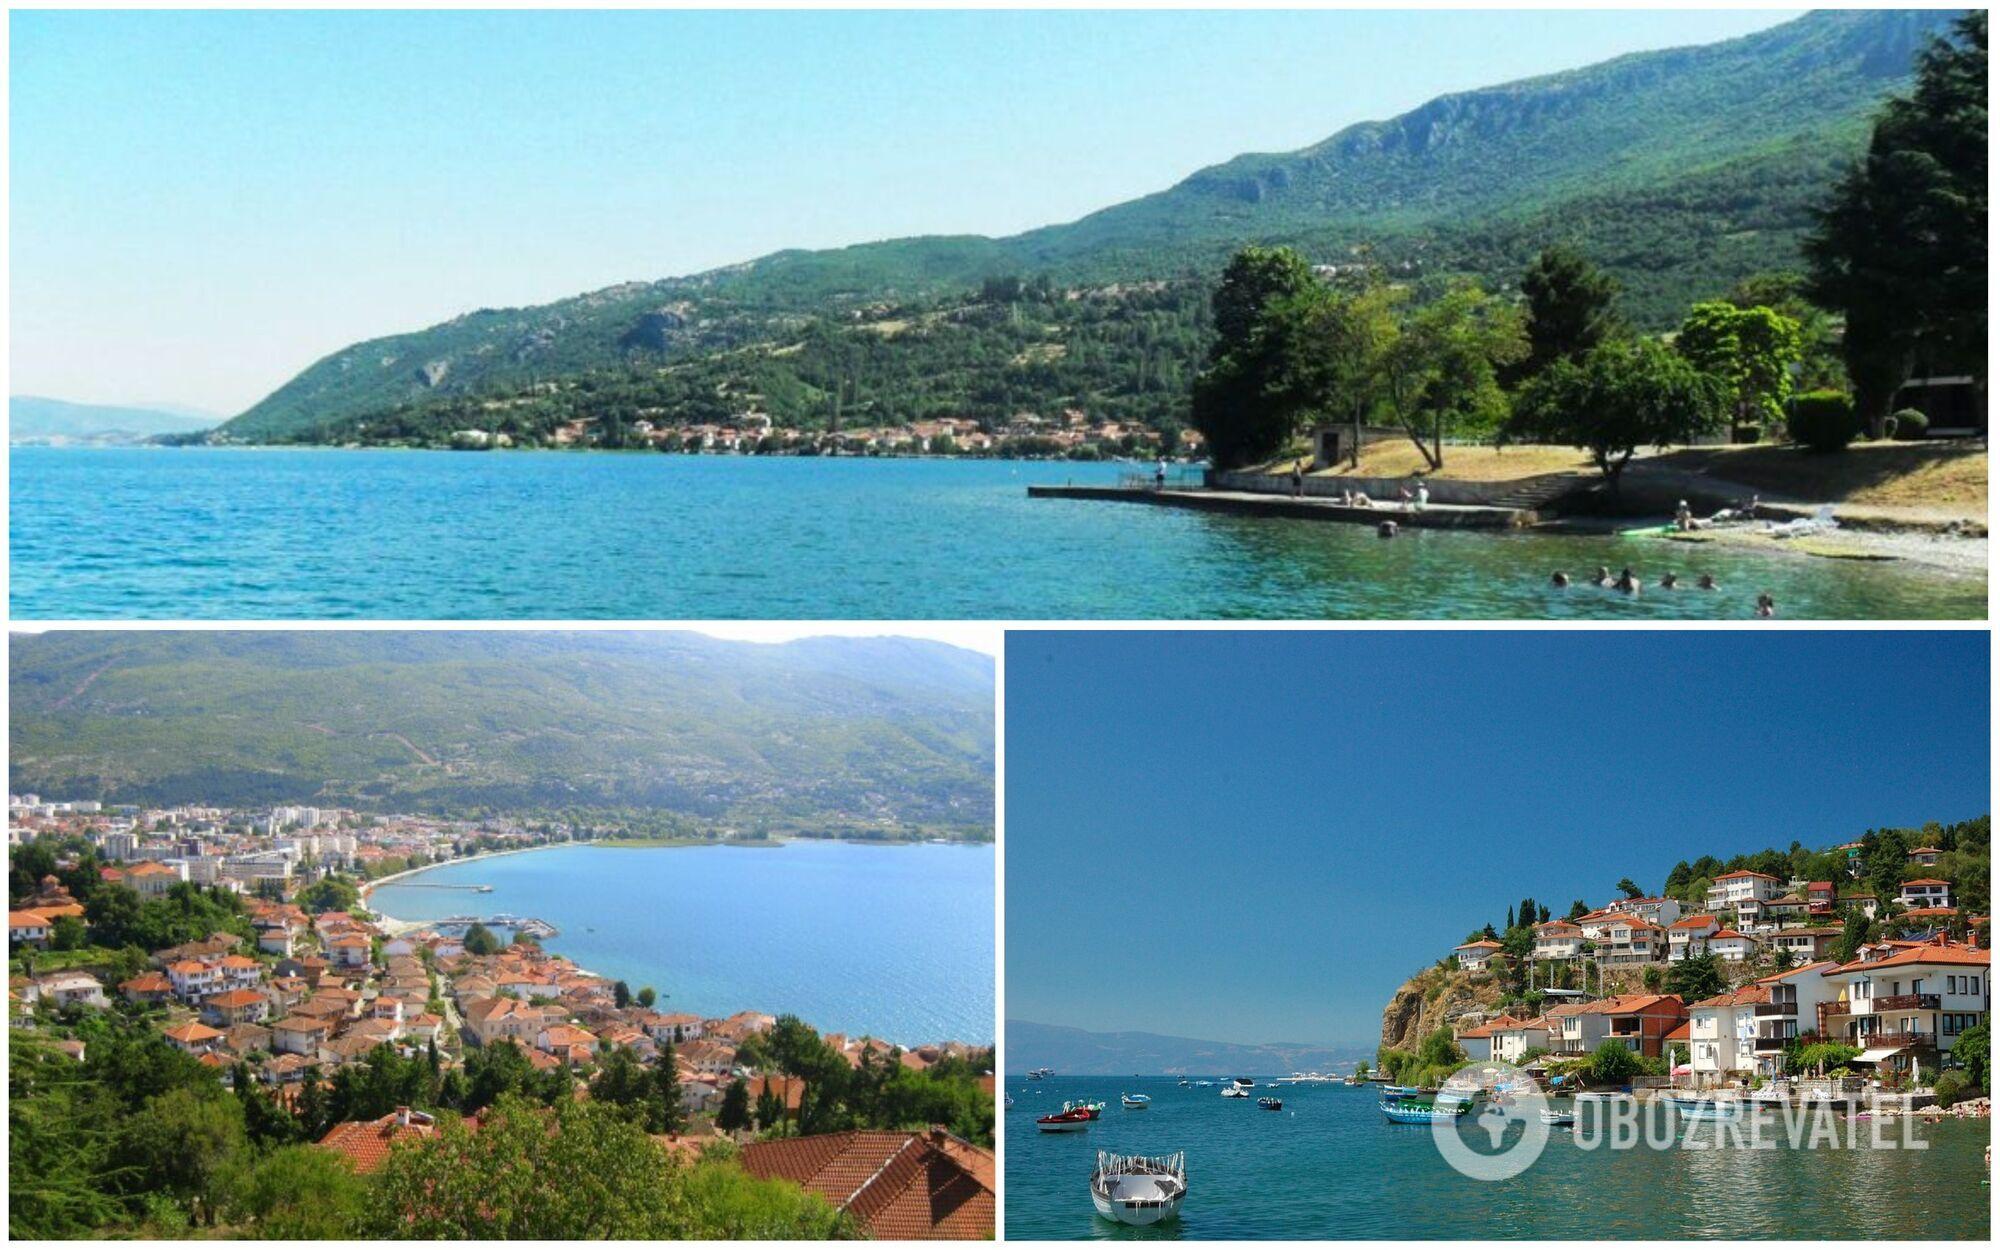 Охридское озеро – это объект всемирного наследия ЮНЕСКО